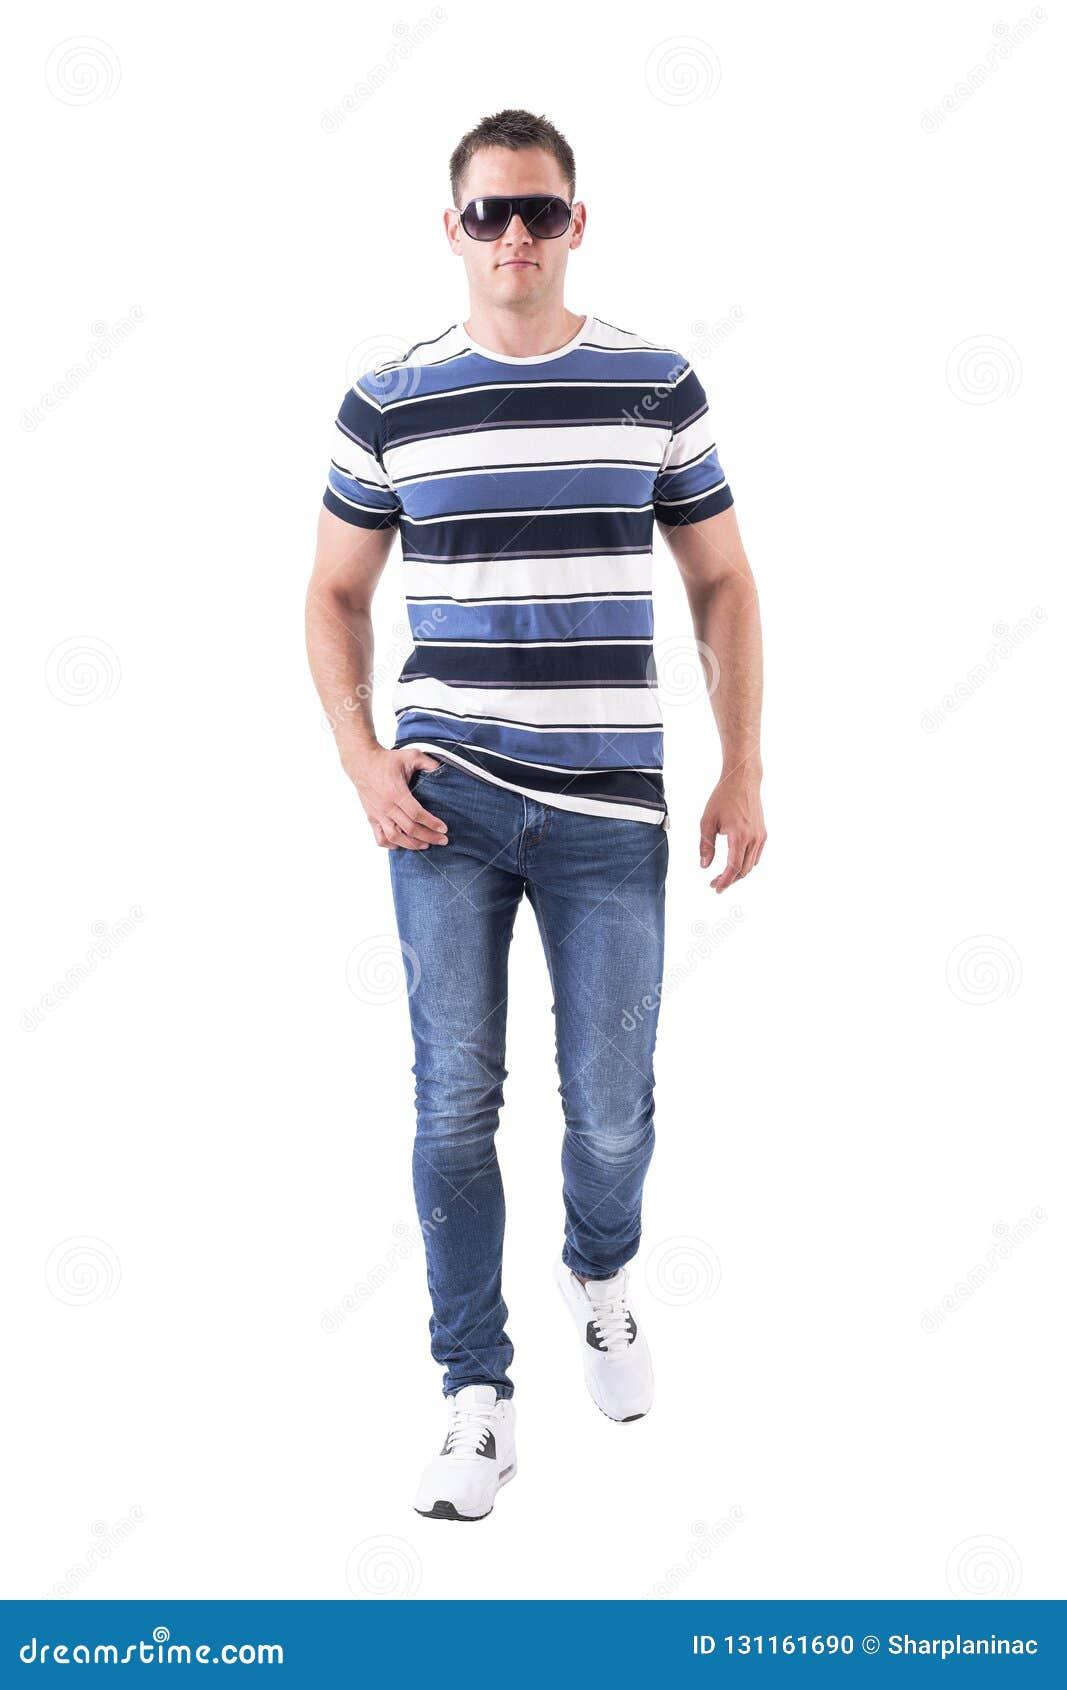 Überzeugter ernster Machomann mit Sonnenbrille und Jeans gehend in Richtung zur Kamera mit intensivem Blick